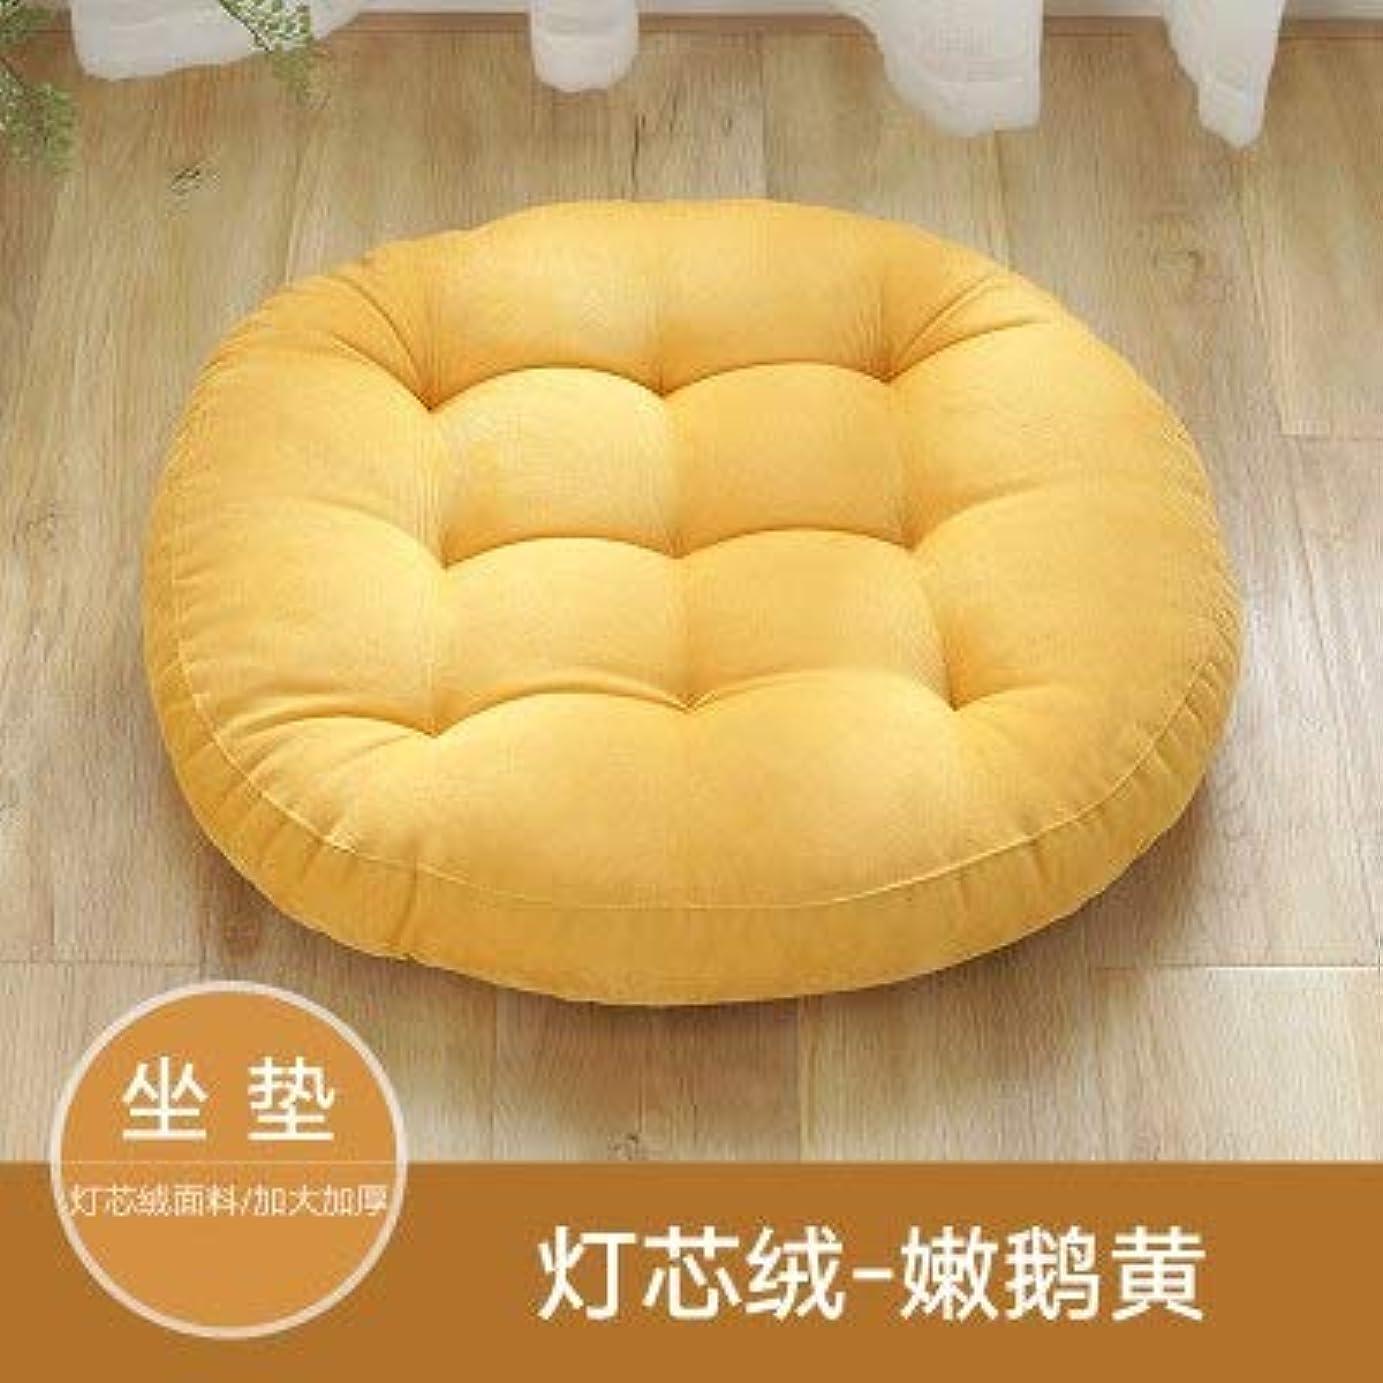 写真ベース定刻LIFE ラウンド厚い椅子のクッションフロアマットレスシートパッドソフトホームオフィスチェアクッションマットソフトスロー枕最高品質の床クッション クッション 椅子